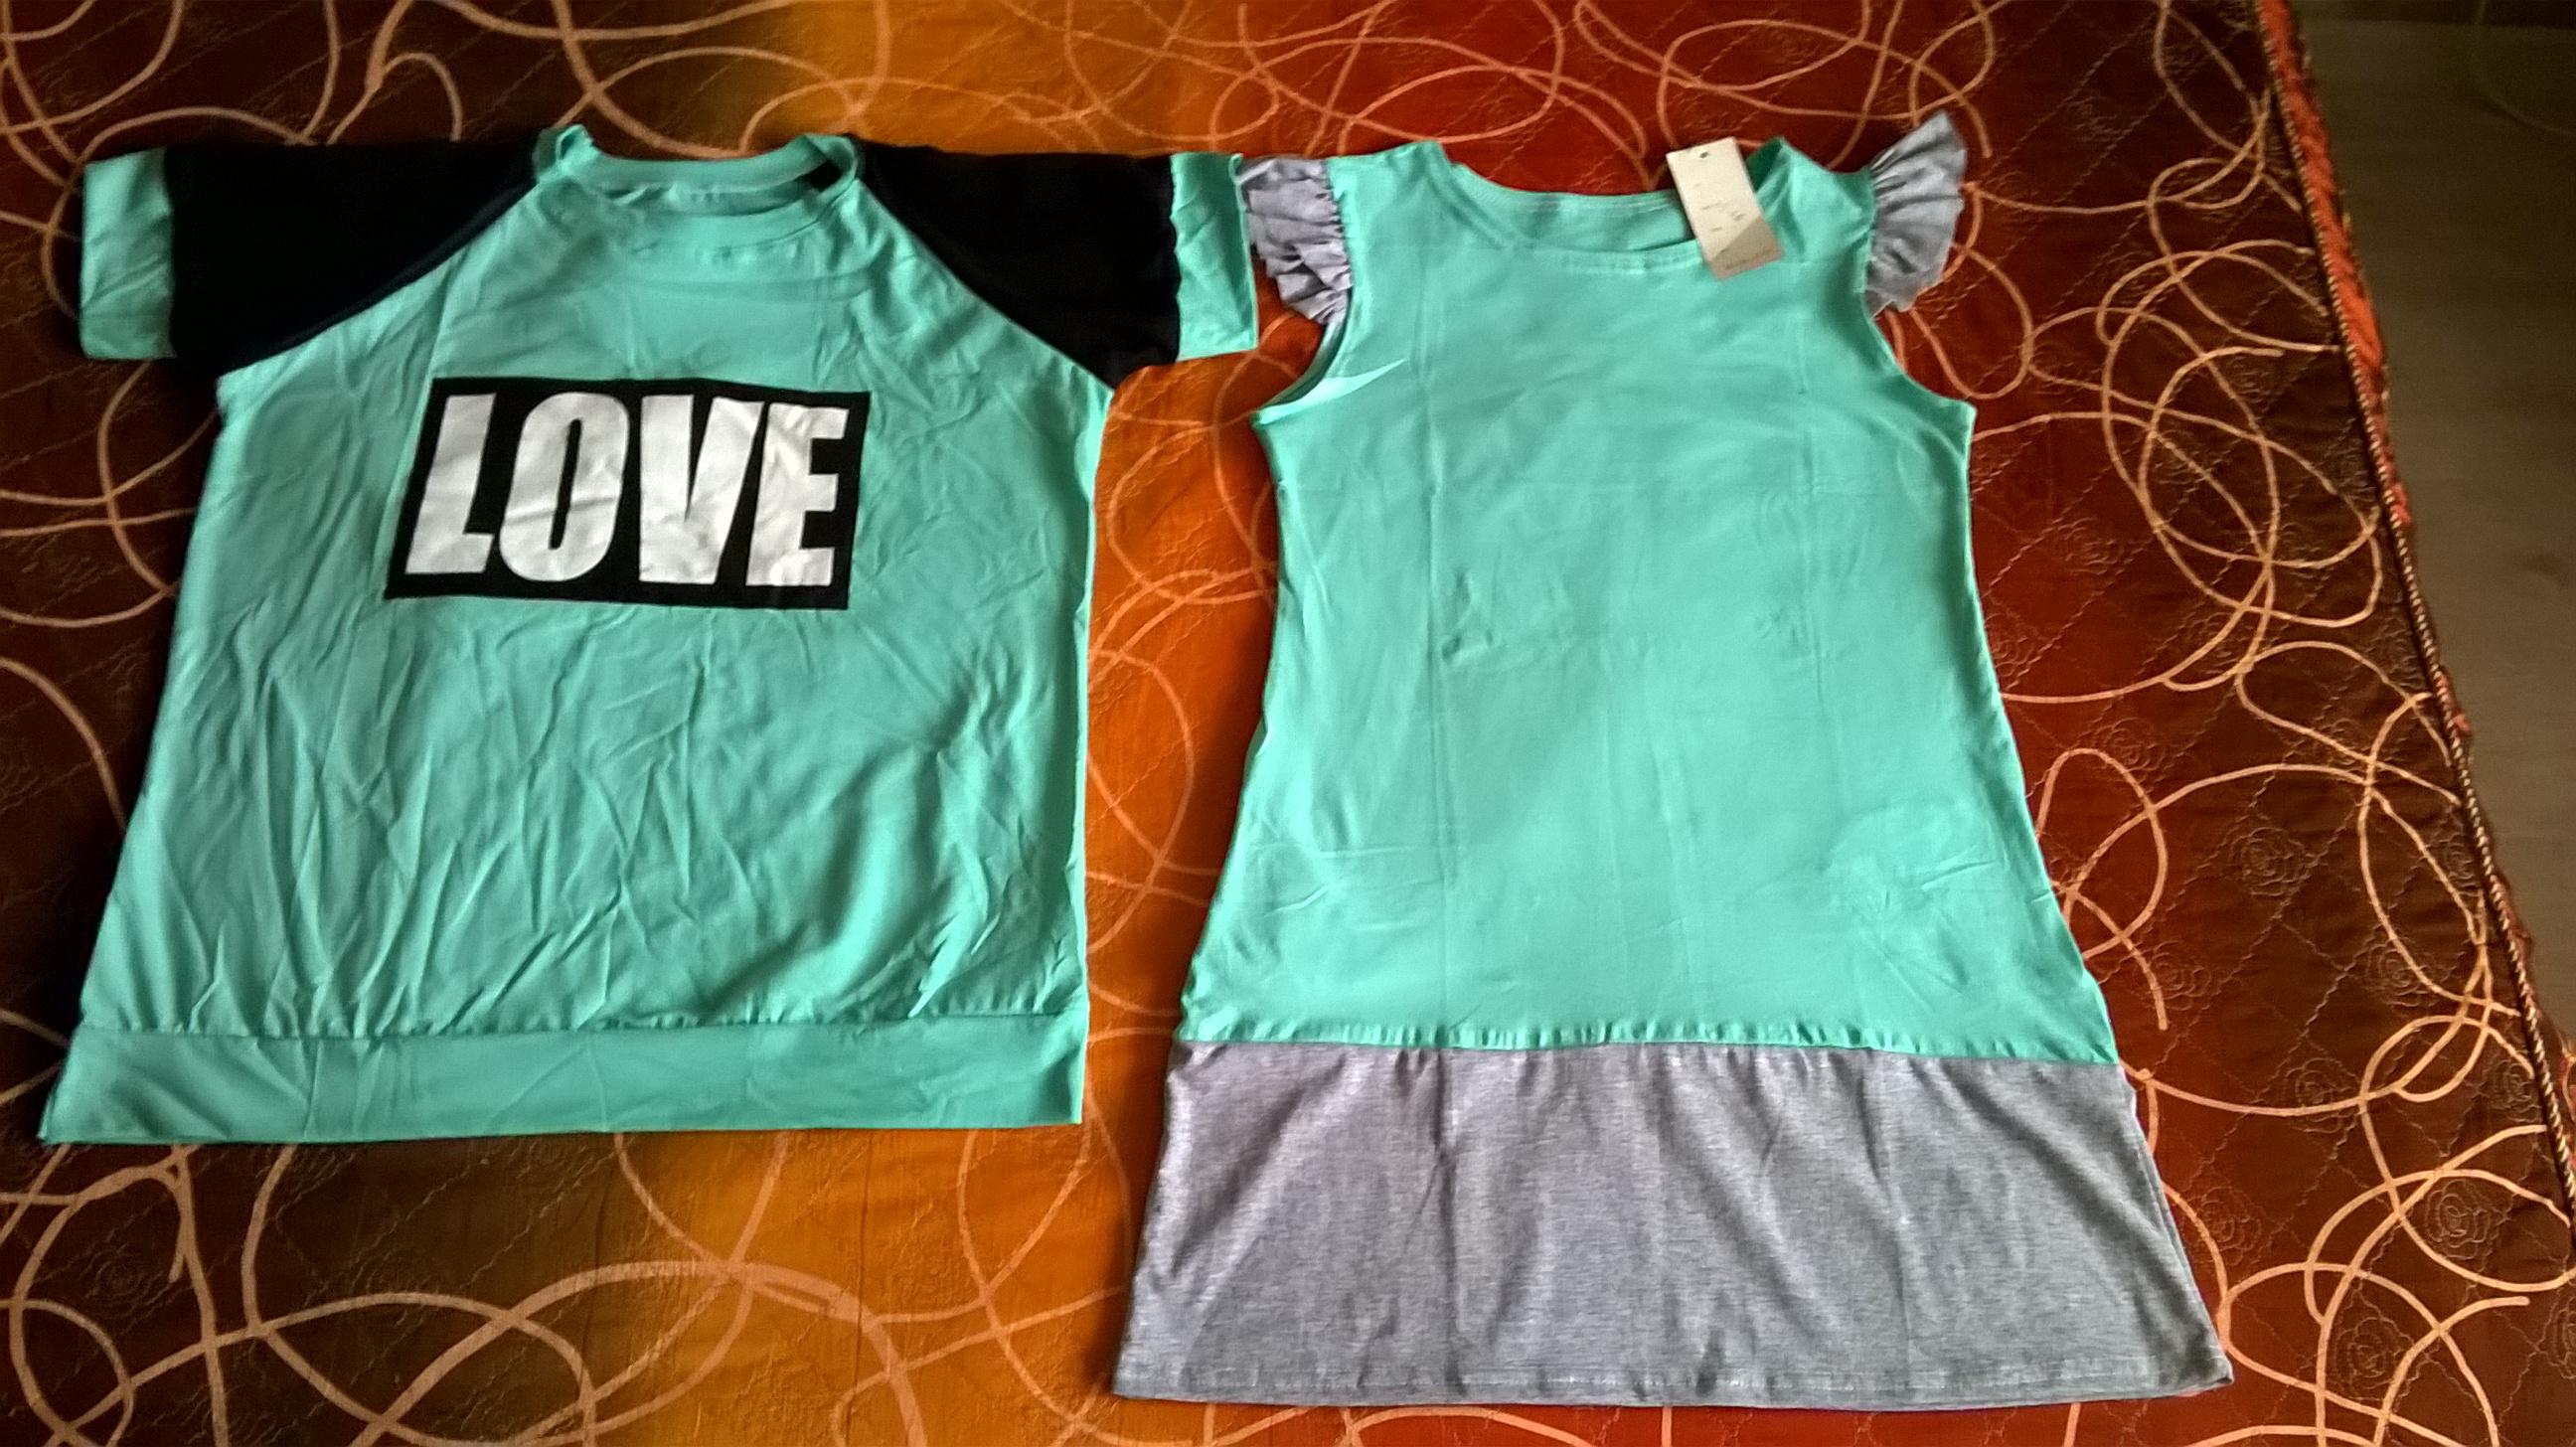 a6cc8b0b03d0 для сравнения - обе вещи (и футболка, и платье) 48 размера - одна  большемерит, другое -маломерит